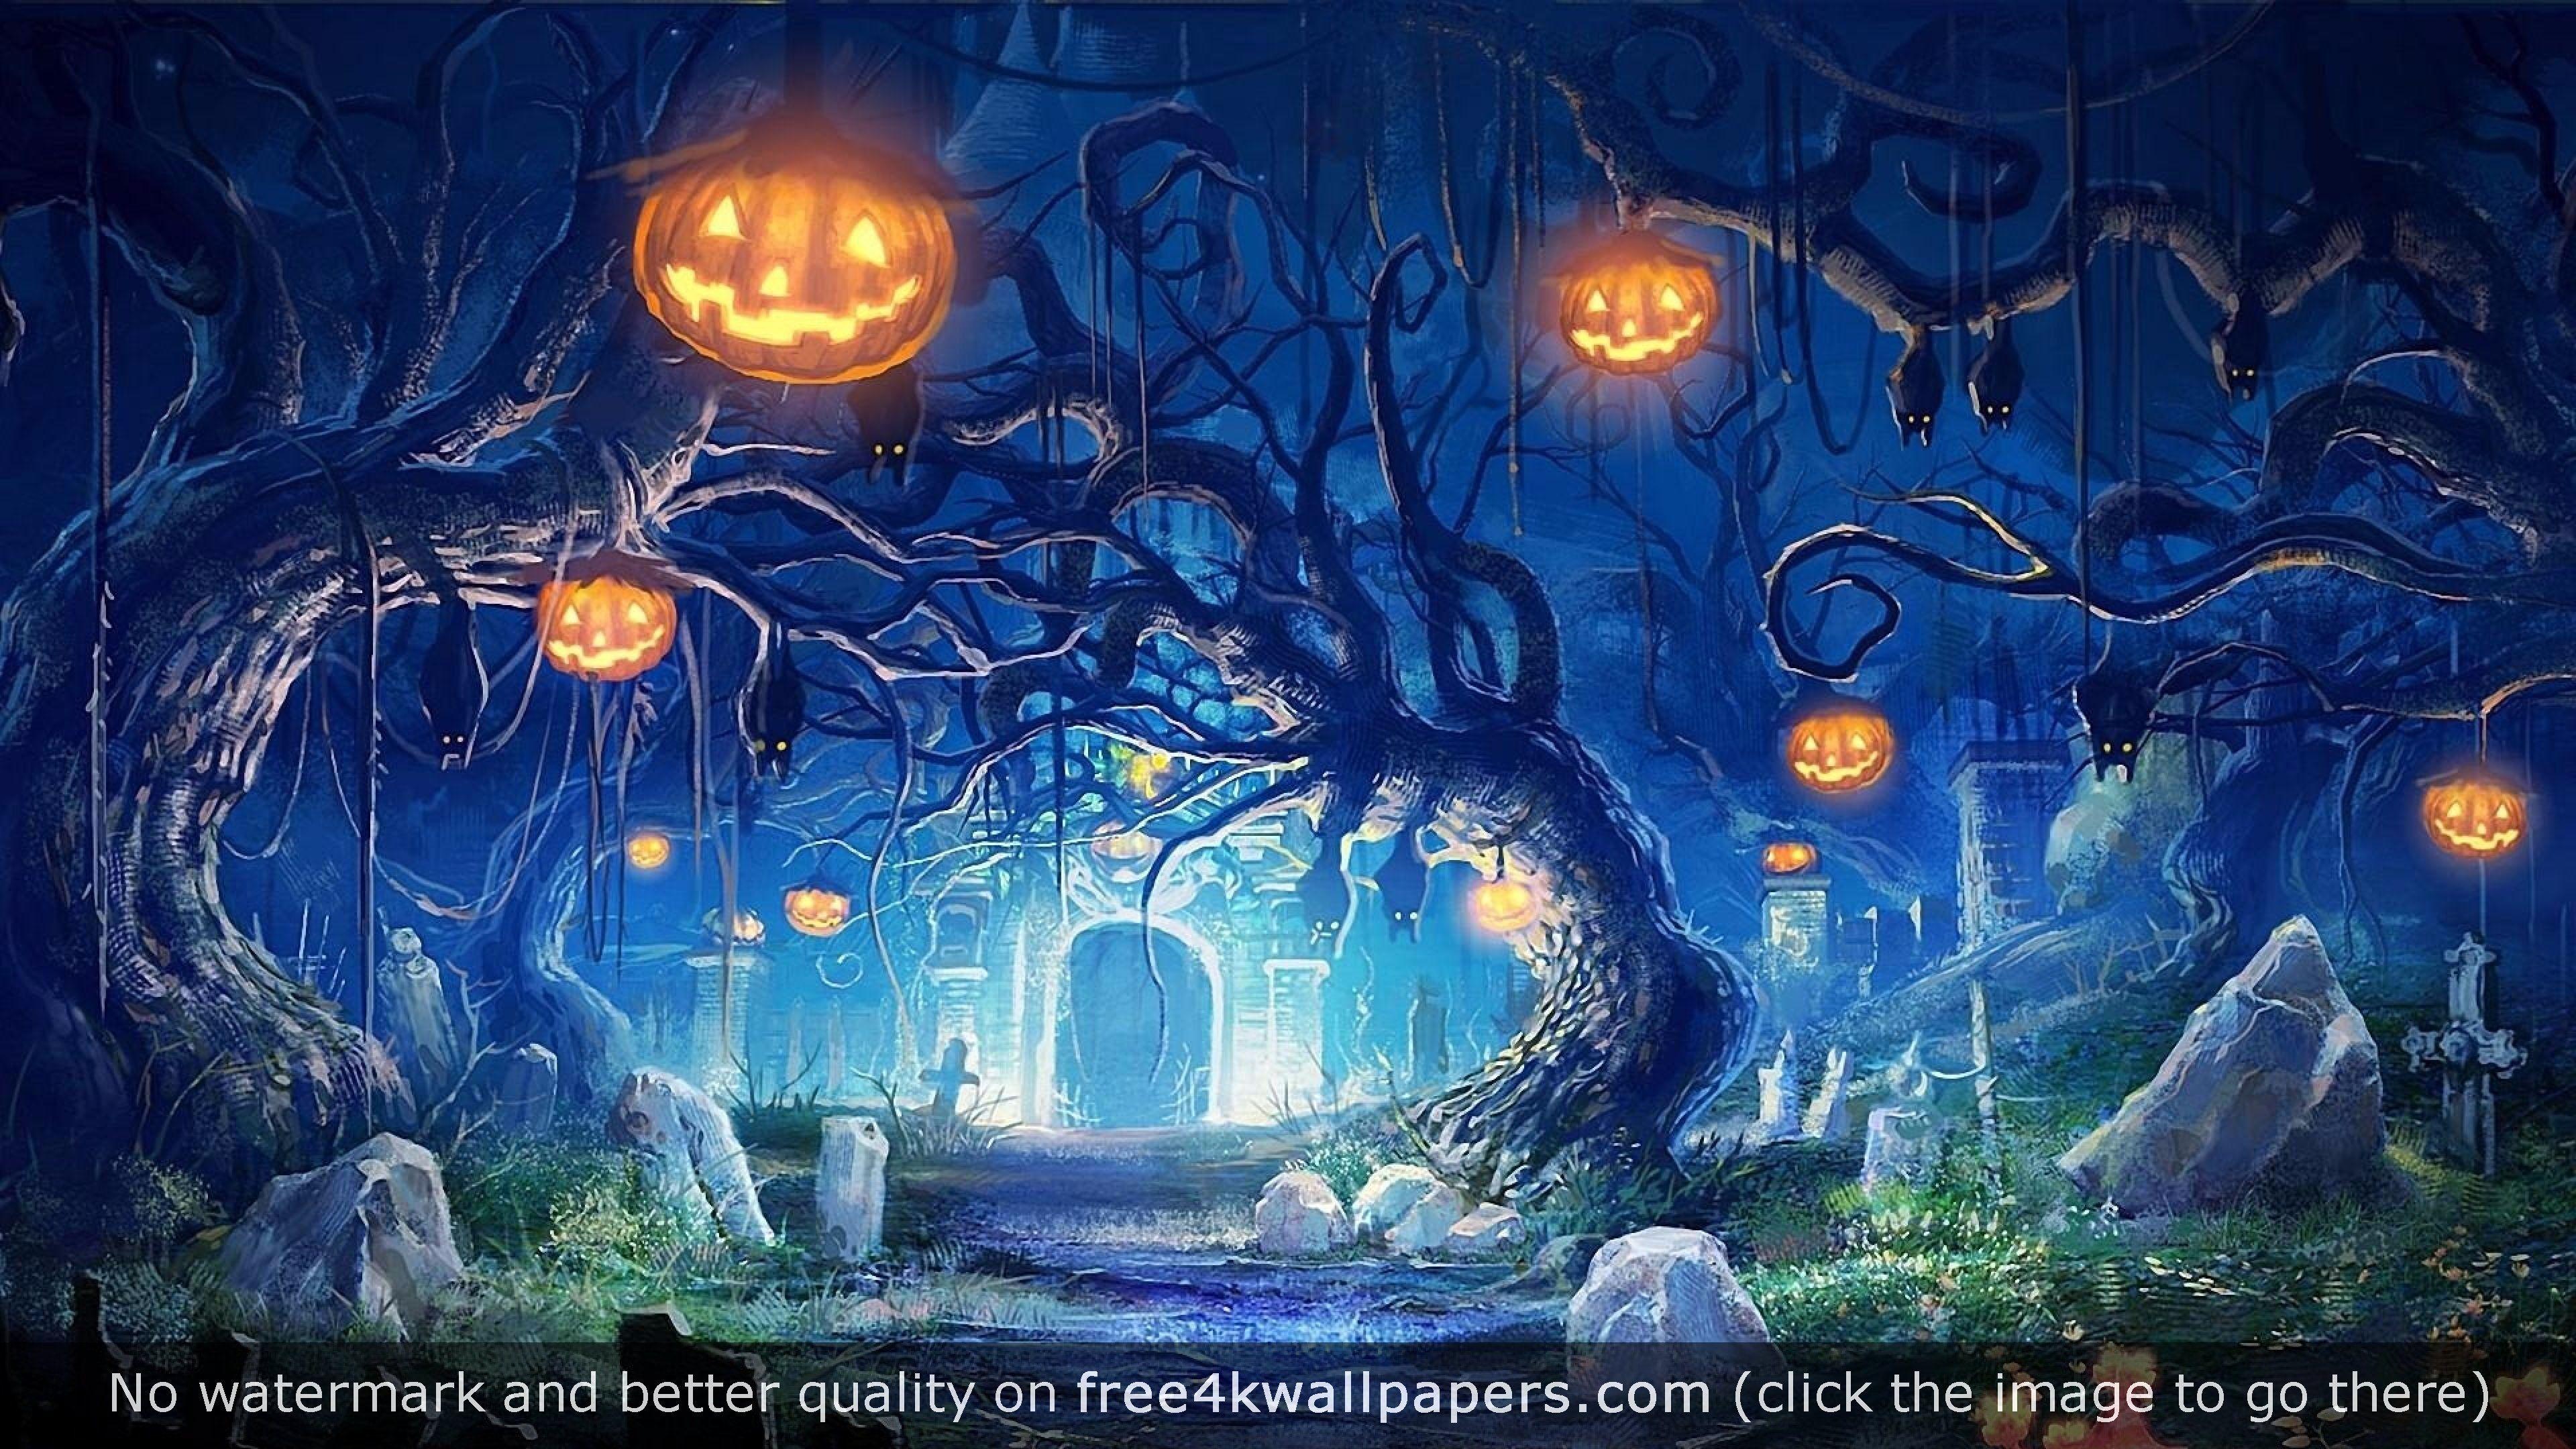 Top Creative Halloween 4k Wallpaper Halloween Wallpaper Halloween Backgrounds Halloween Backdrop